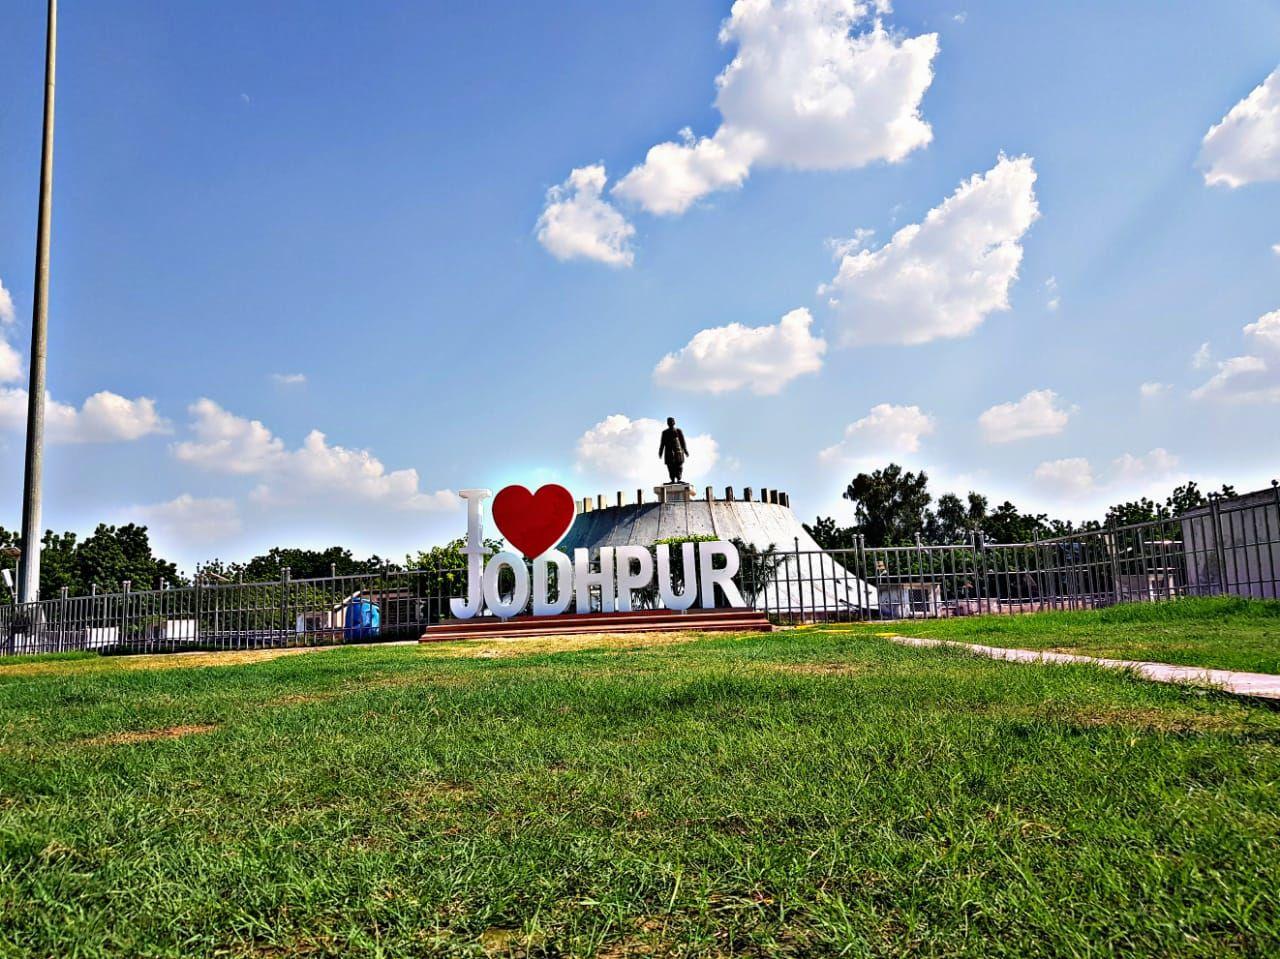 Photo of Jodhpur By raj huda